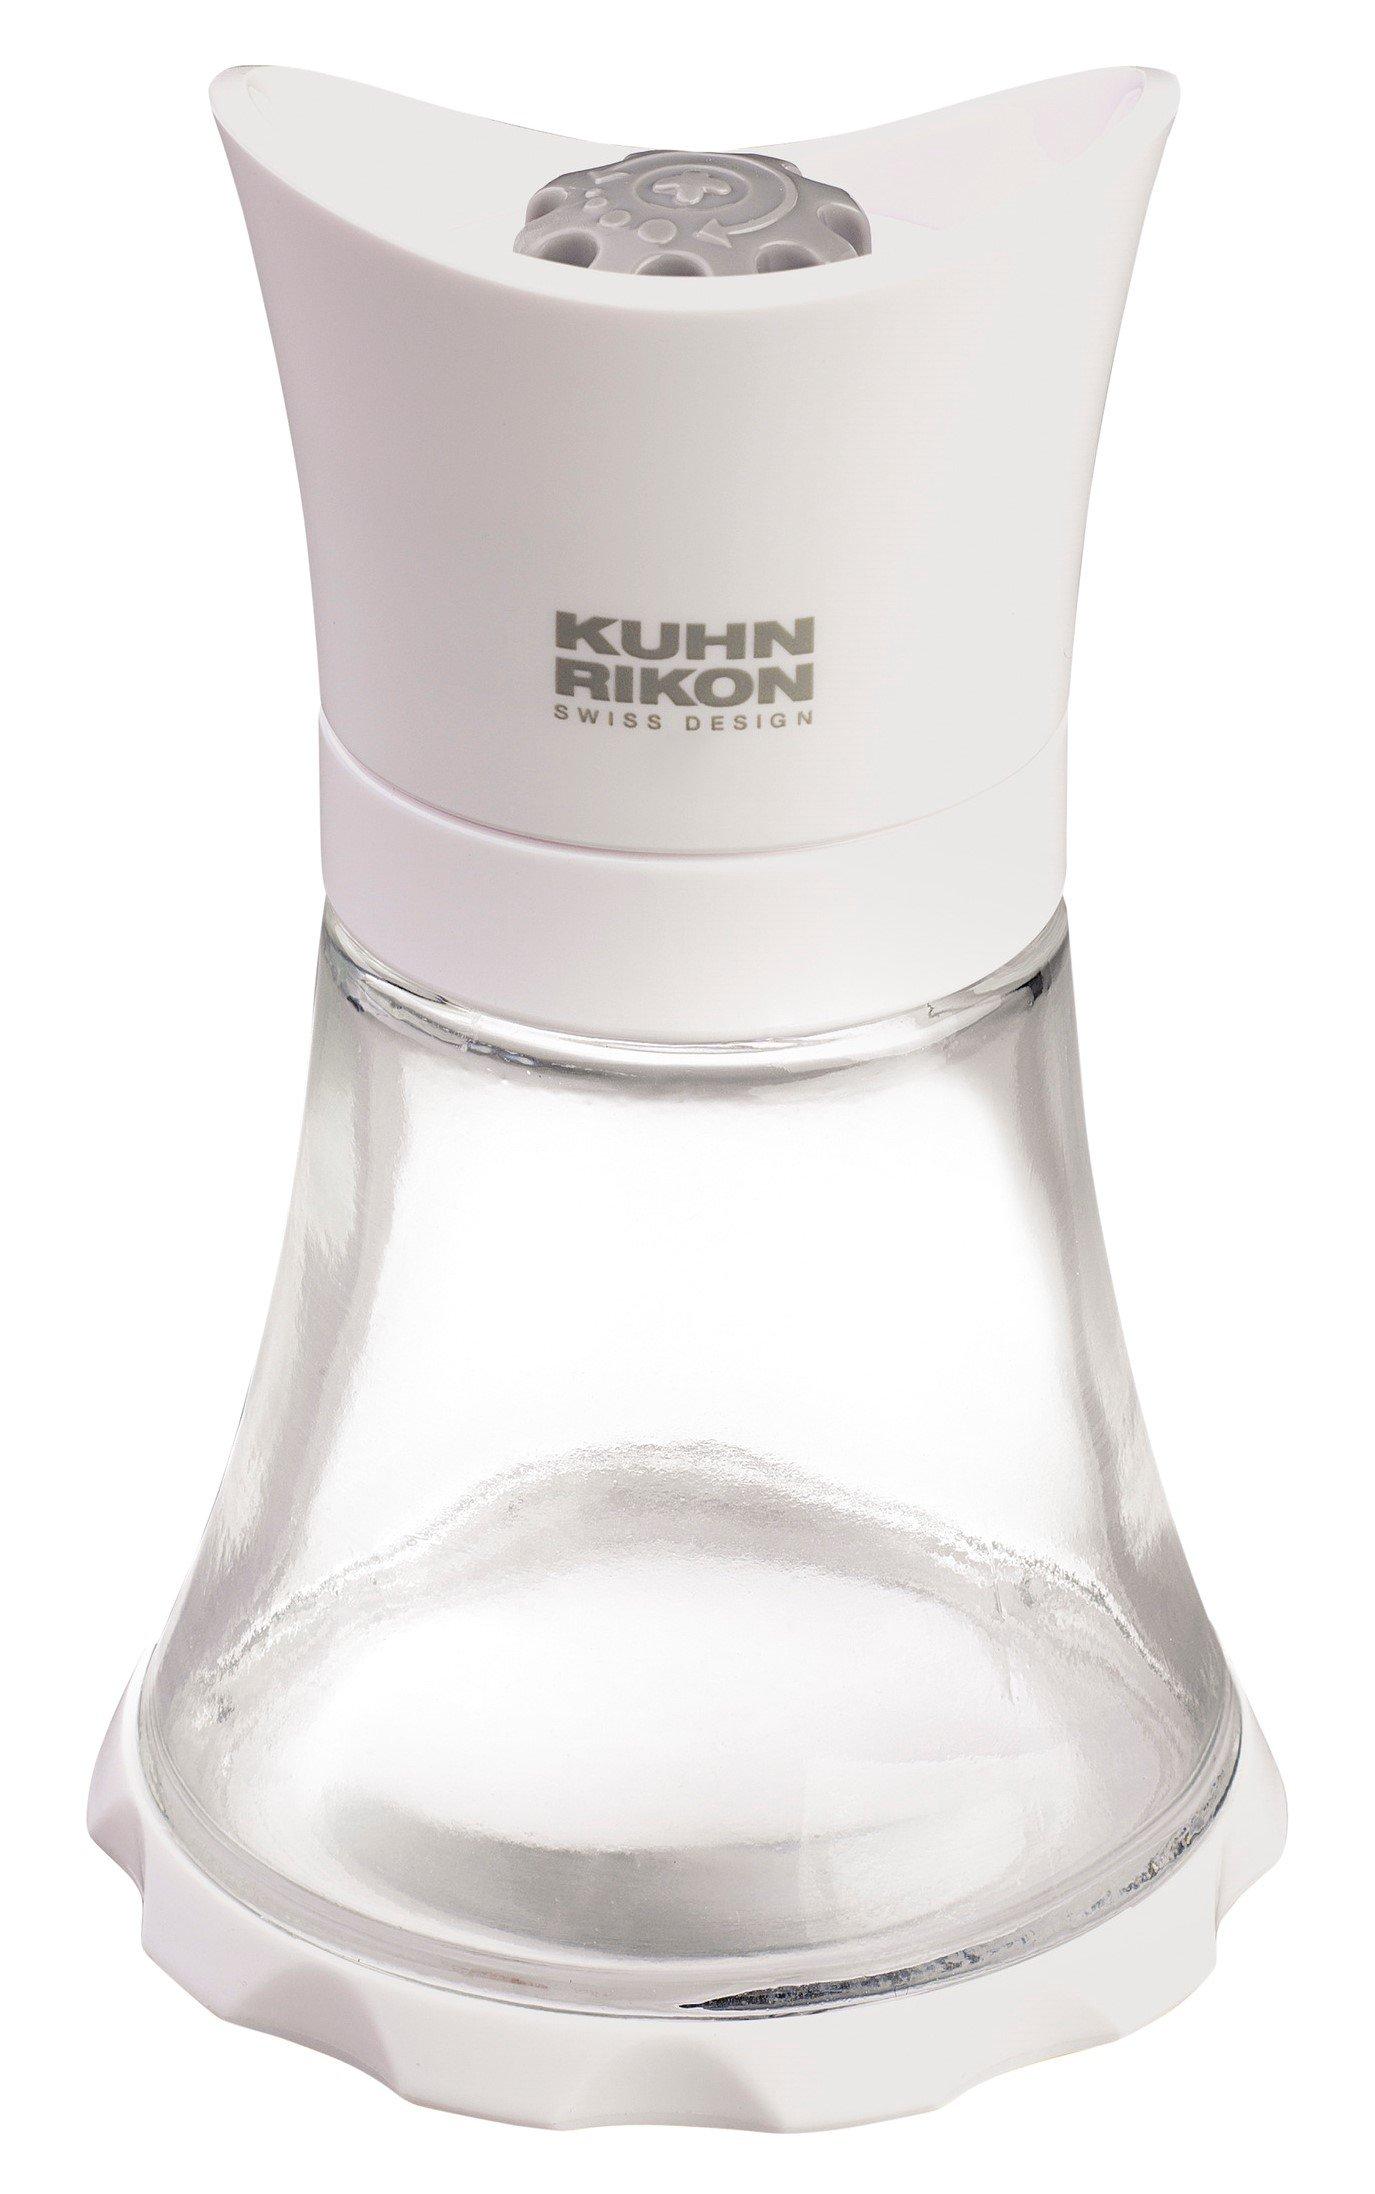 Kuhn Rikon Vase Grinder, Mini, White